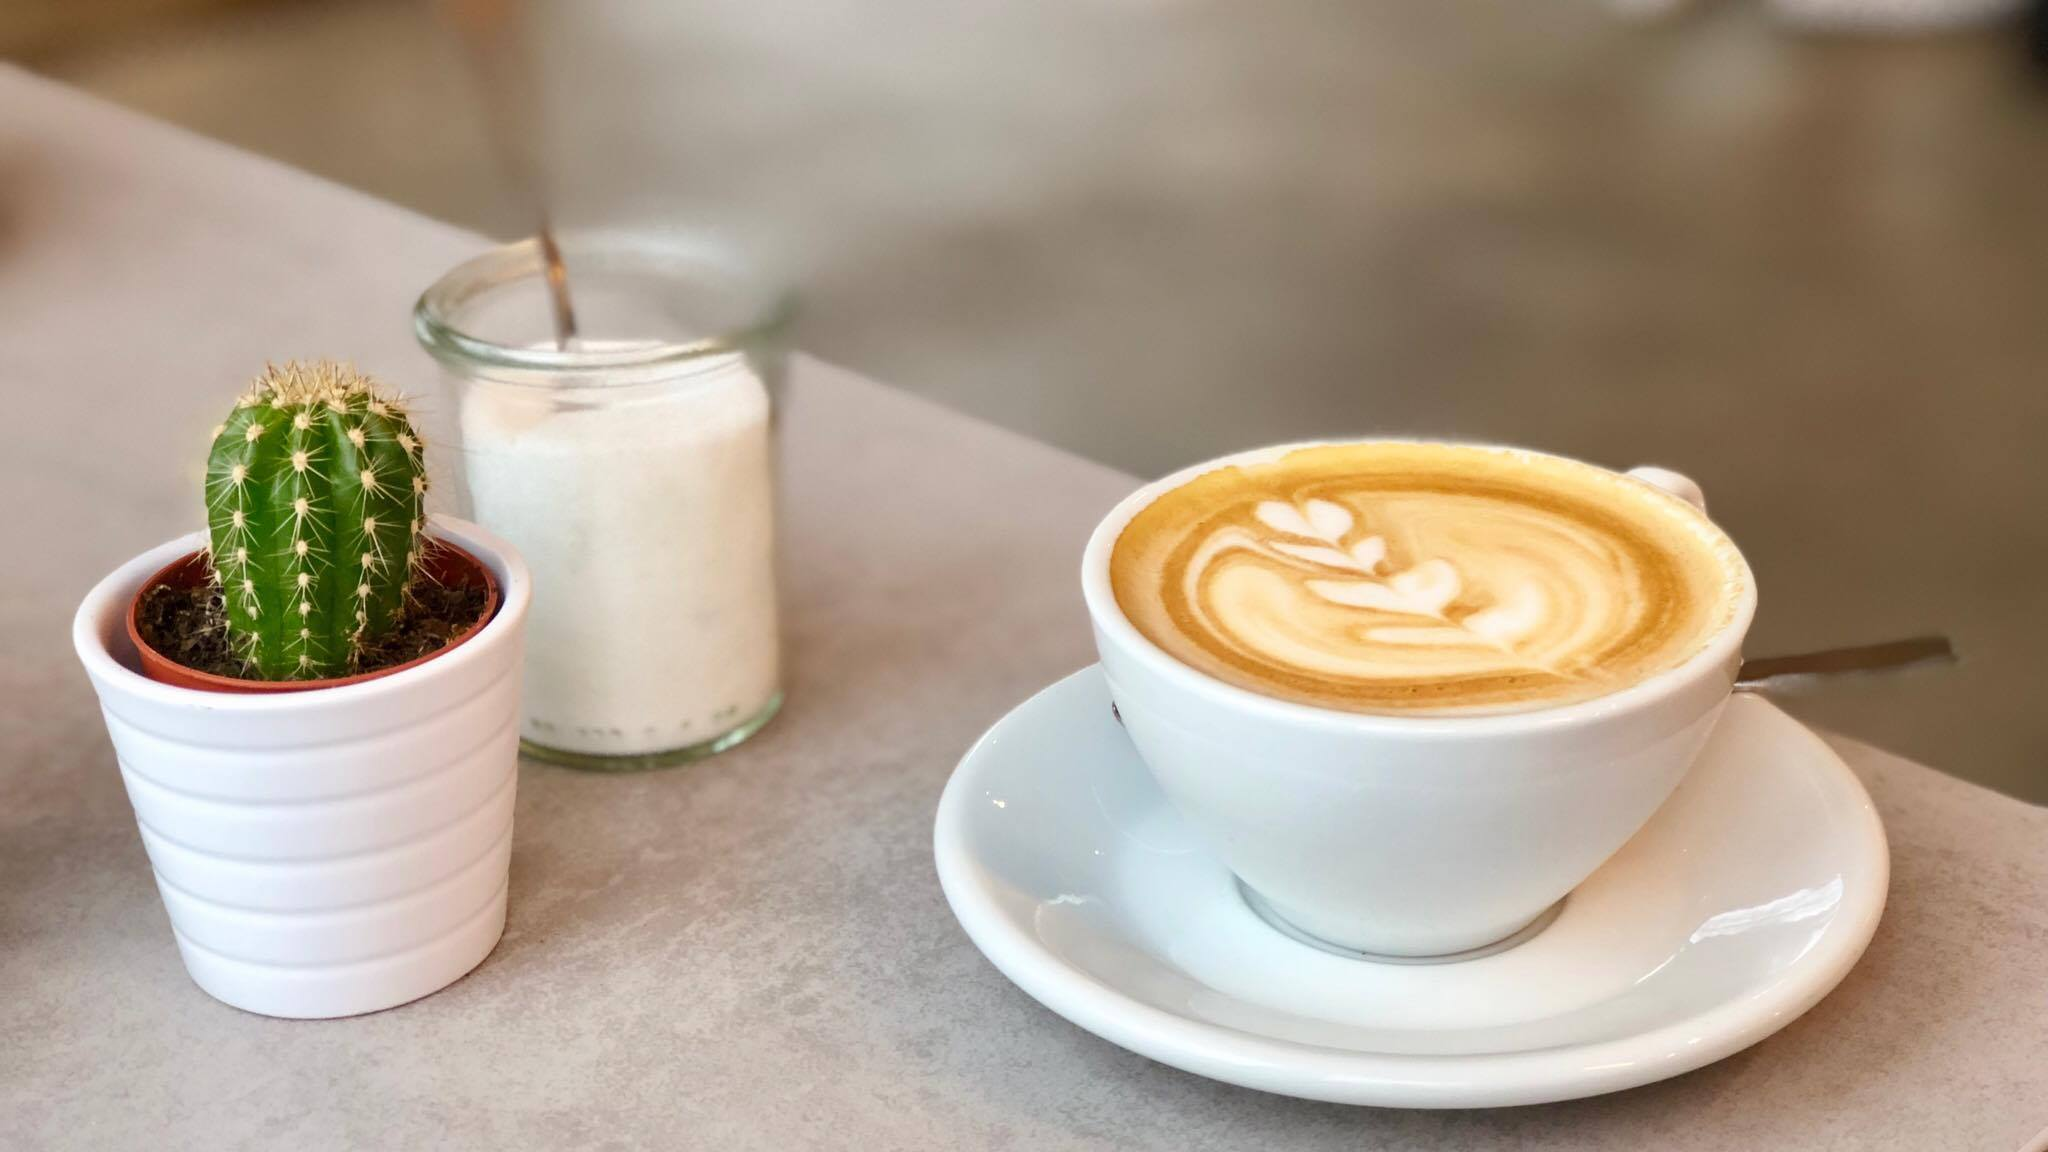 Die Ultimative Liste Mit Empfehlenswerten Cafes In Berlin Wedding